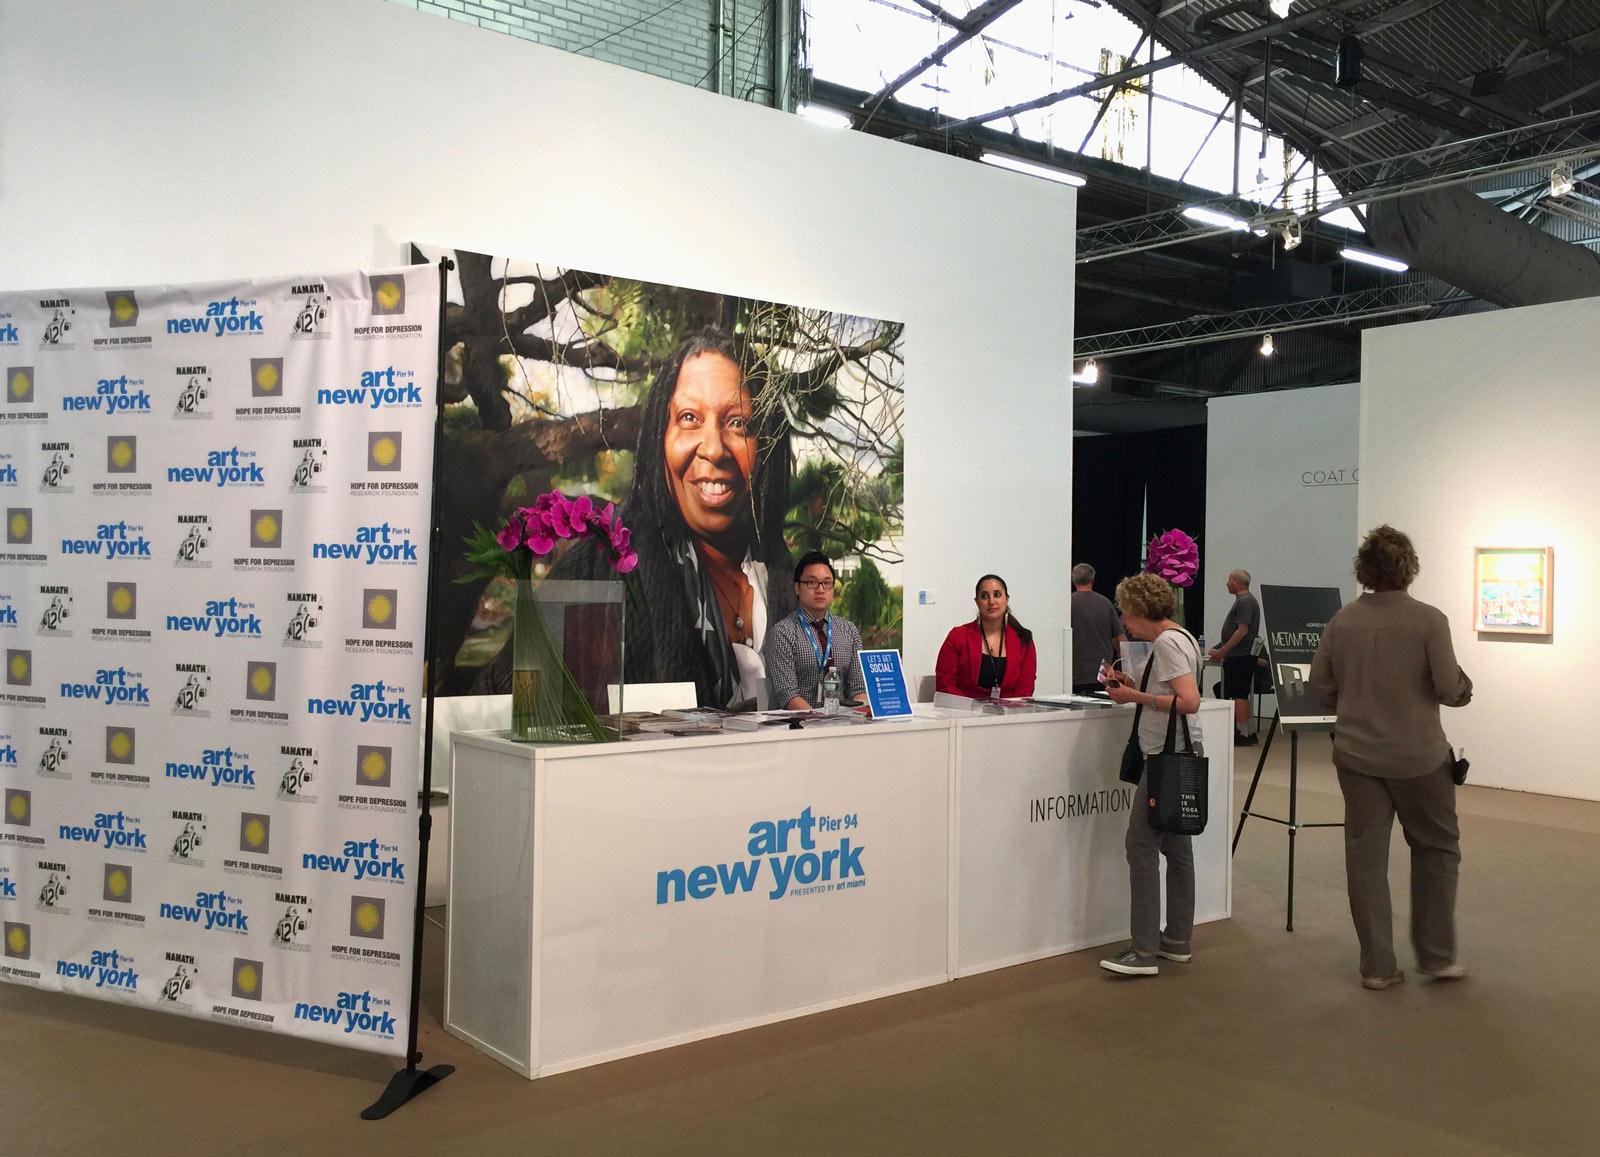 Art-New-York-Expo-Pier-94-info-desk.jpg